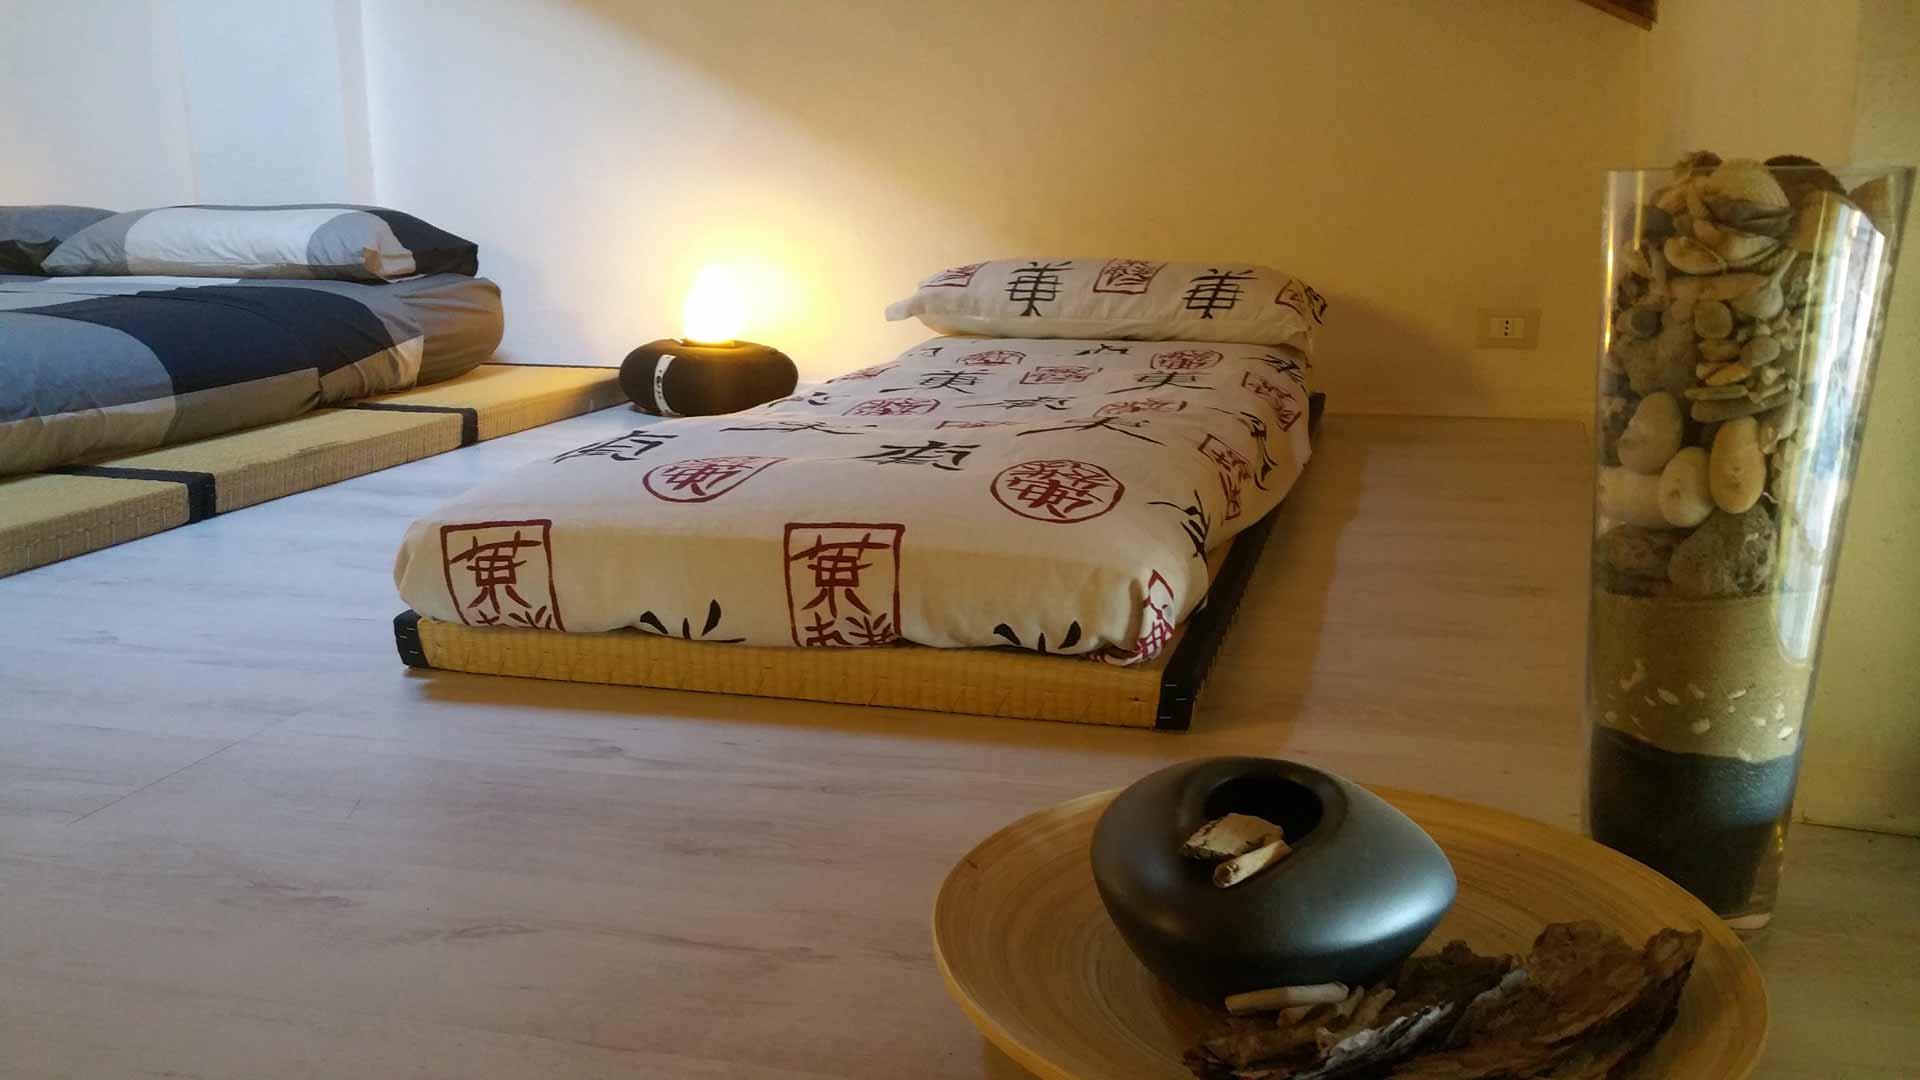 Camera zen composizione legno sassi acqua tatami tradizionale giapponese in paglia di riso futon falda di cotone singolo B&B & meditation center Zorba il Buddha Passerano Marmorito Asti